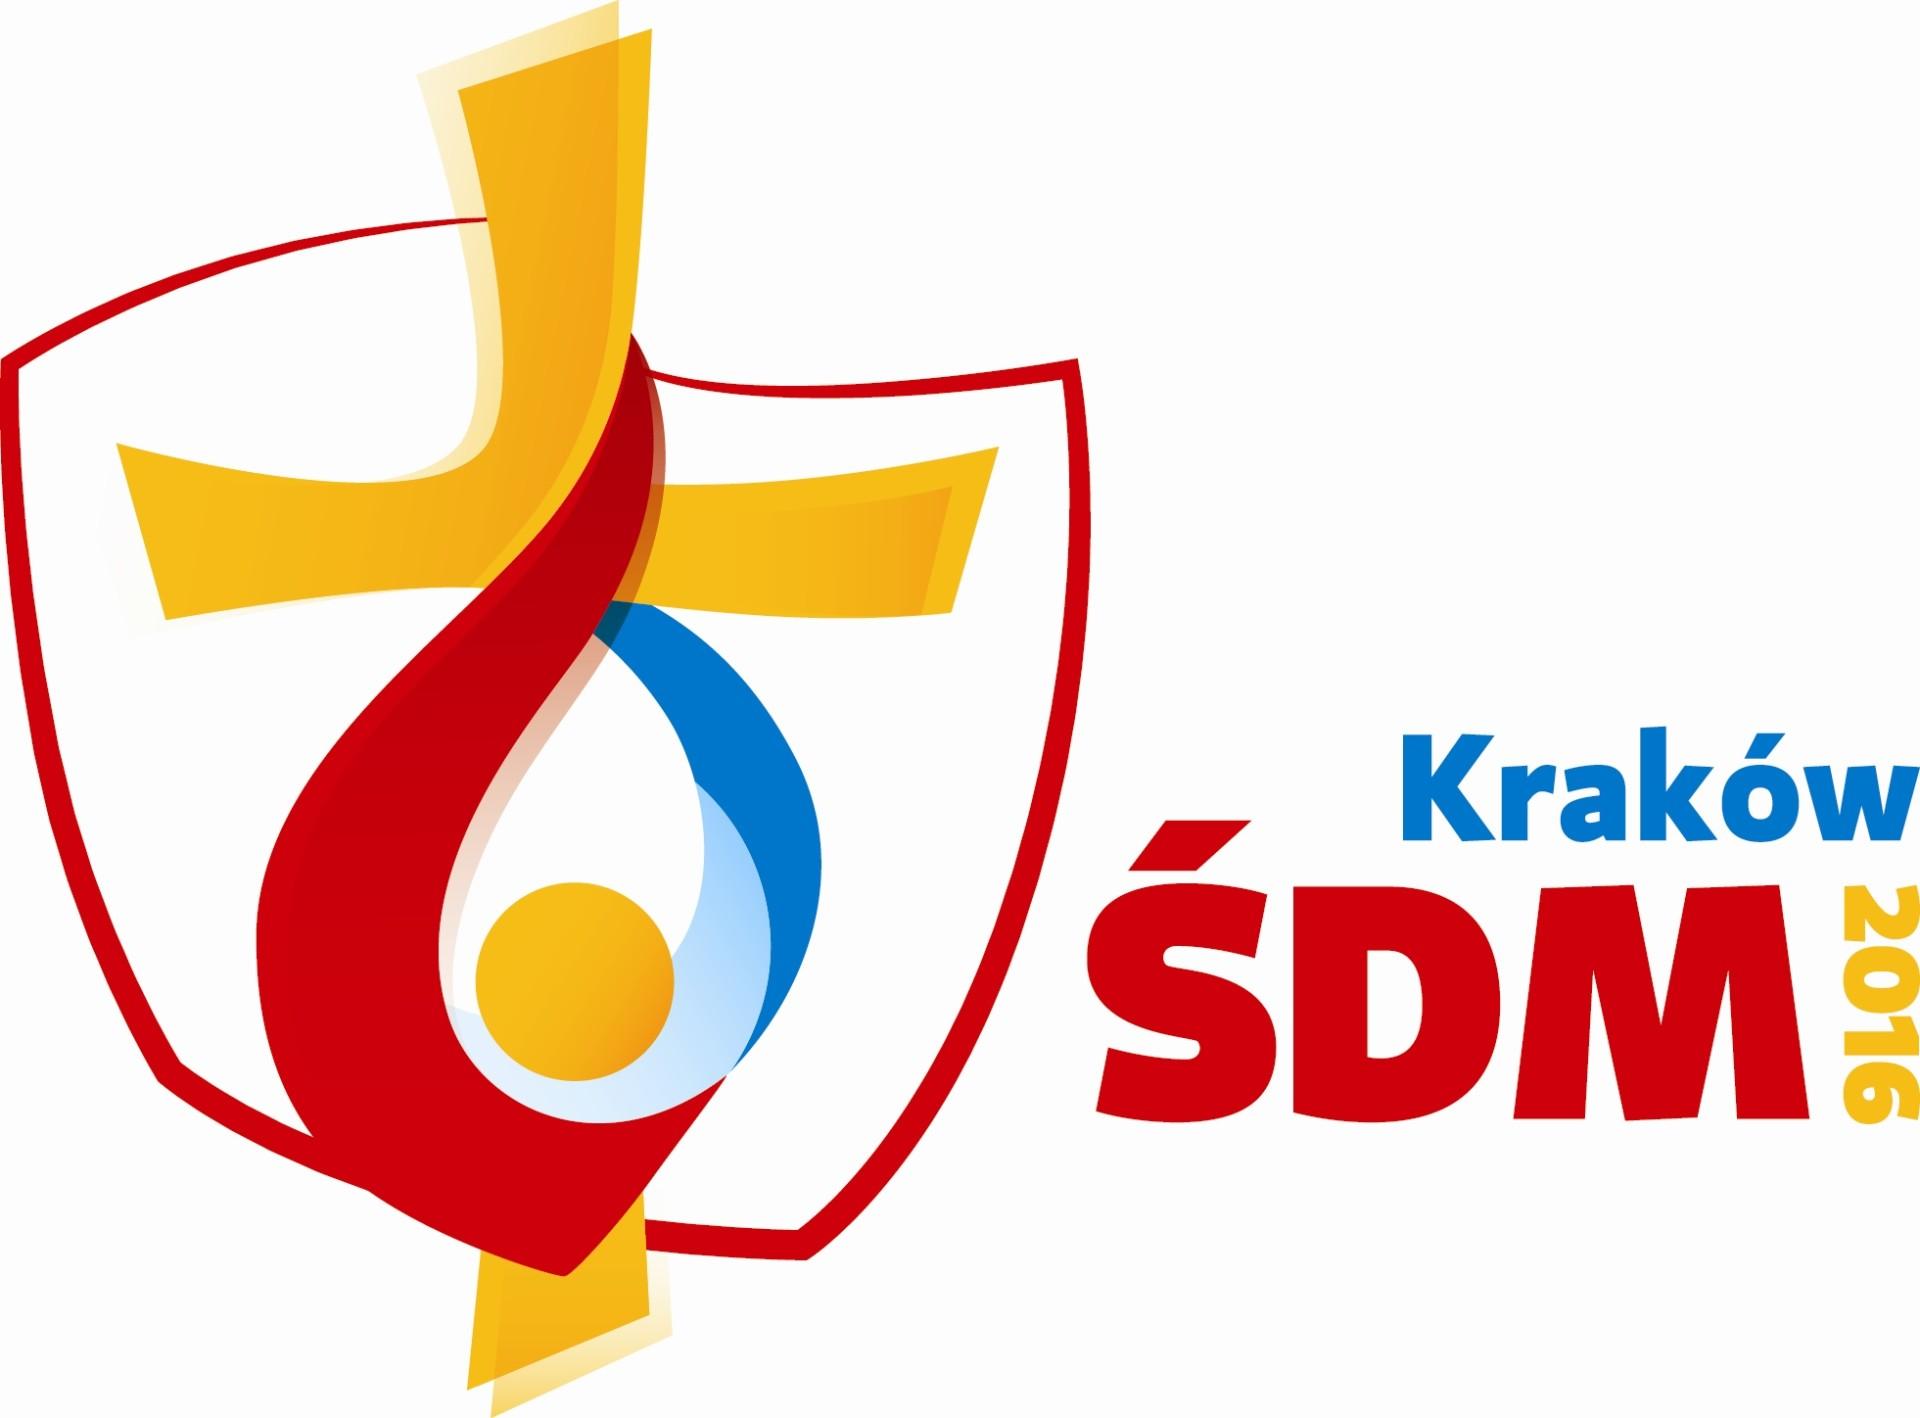 sdm-logo-323668